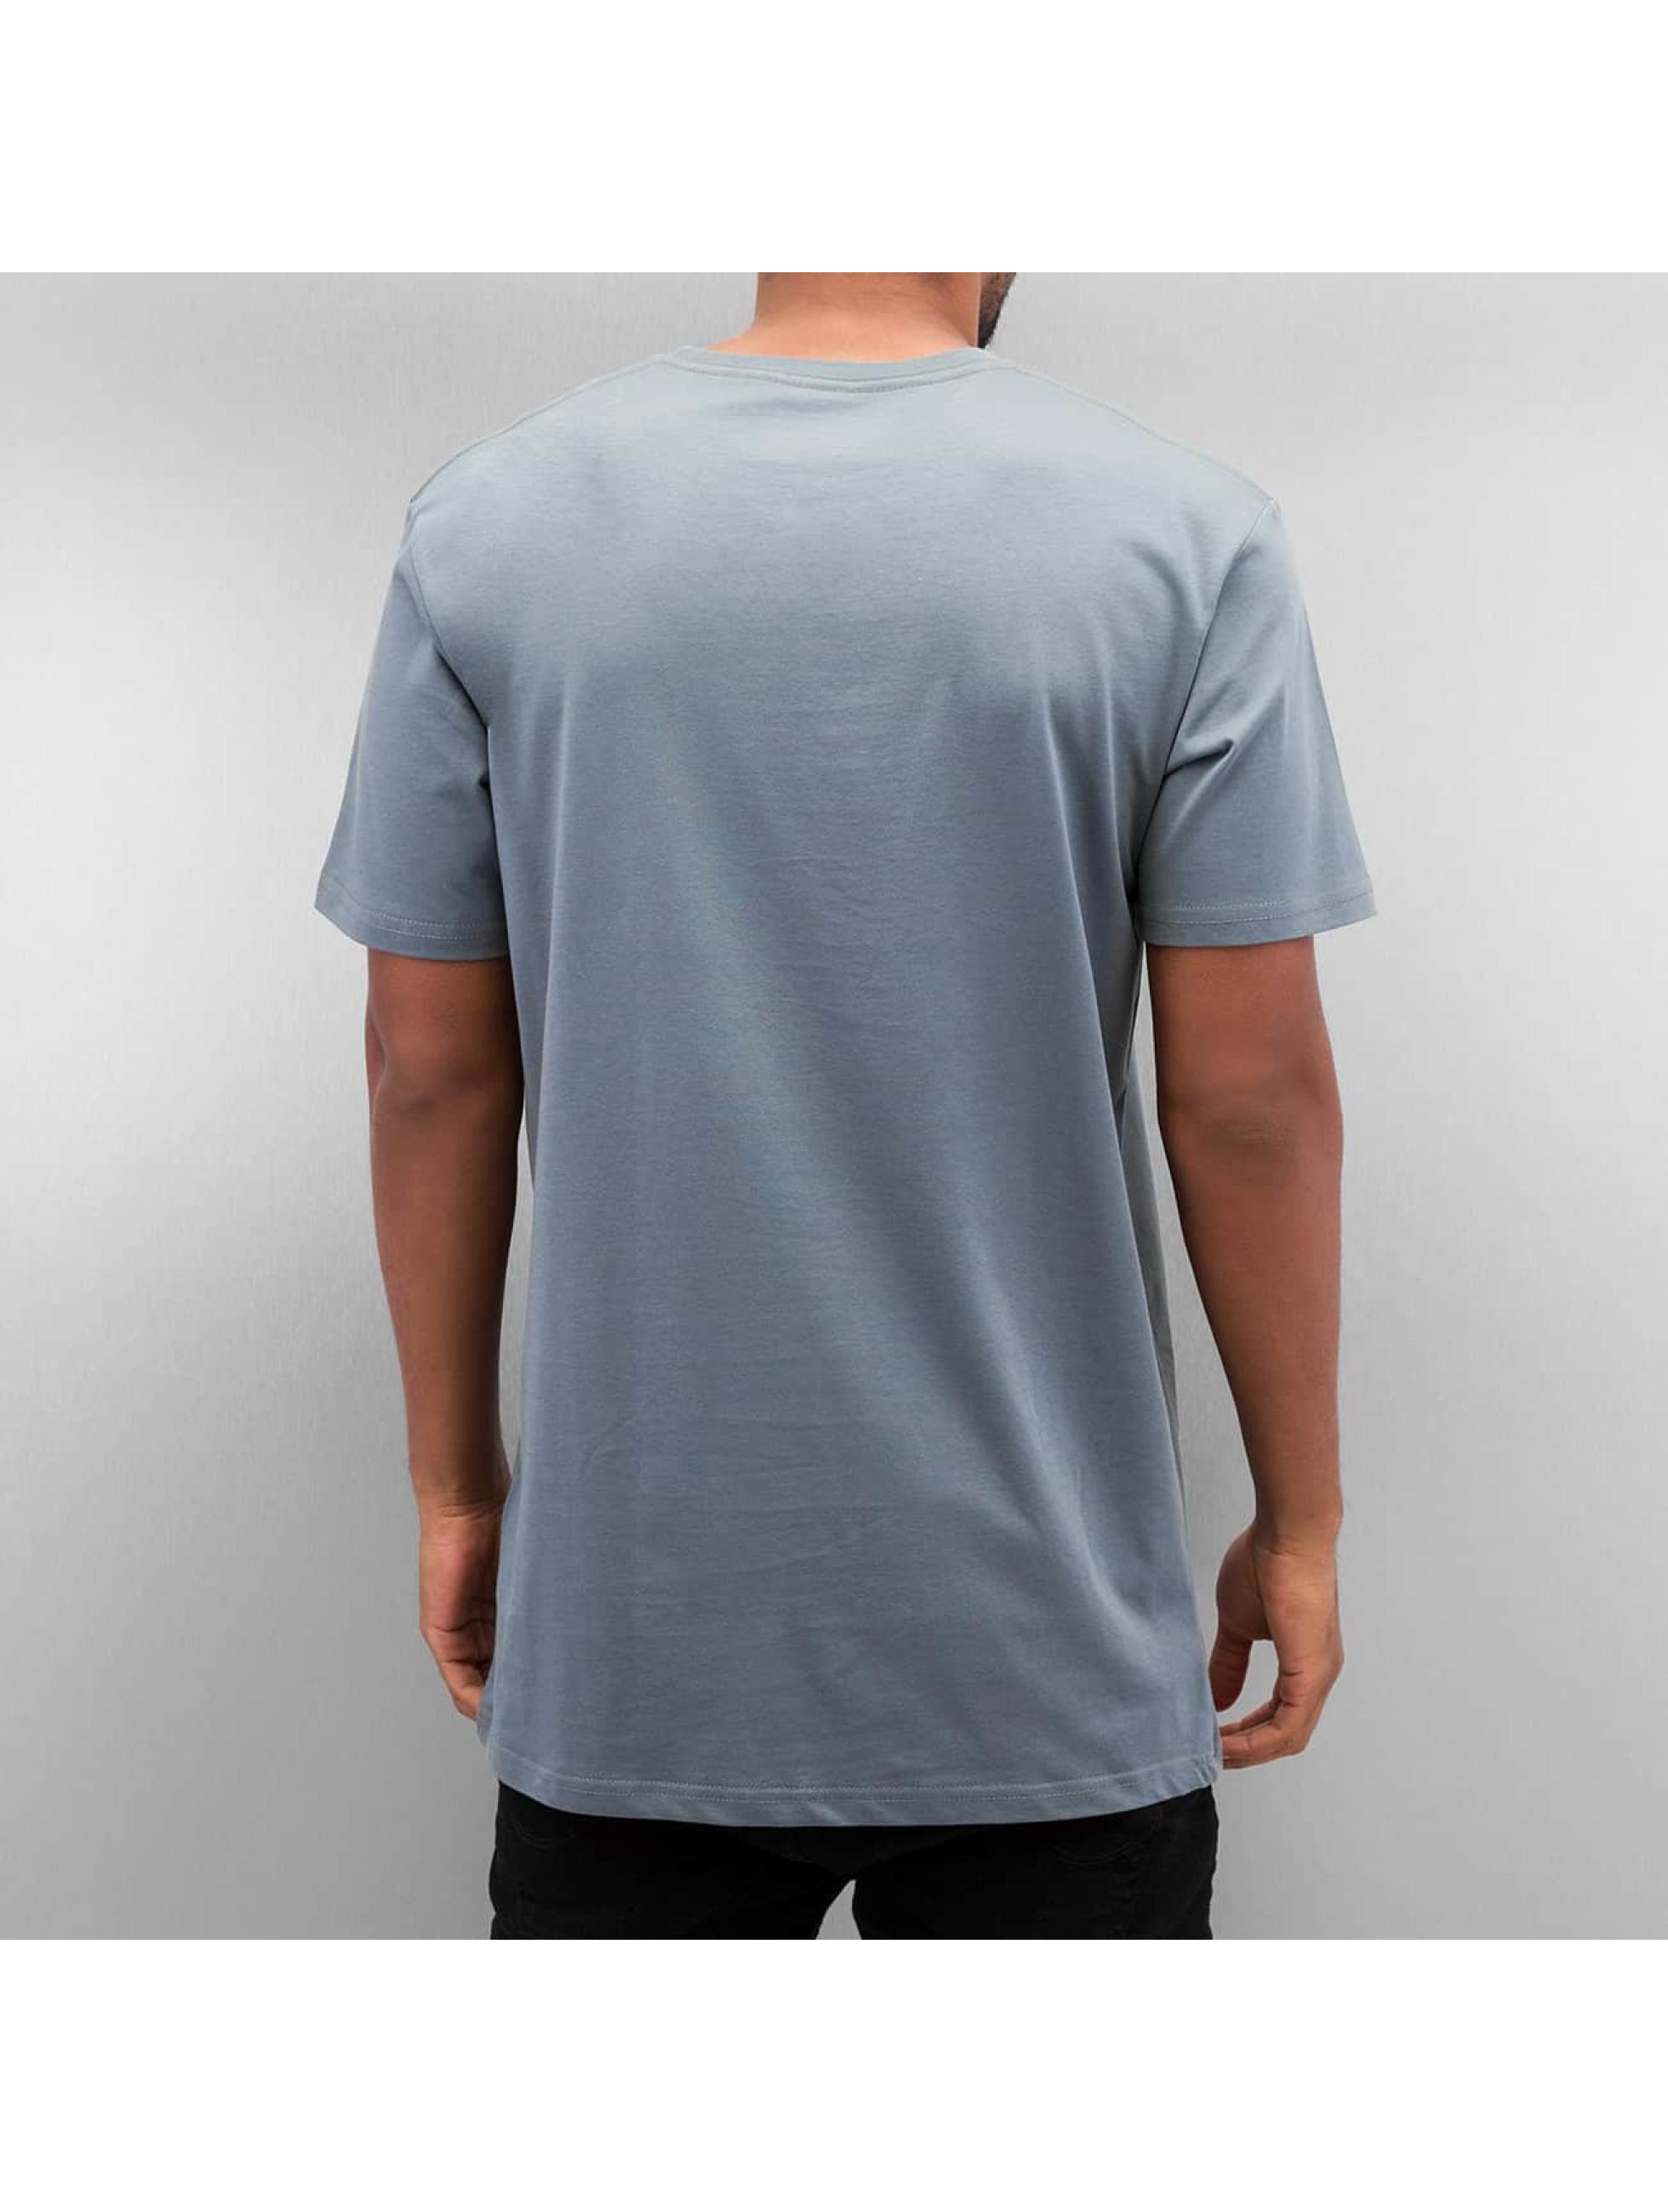 Quiksilver t-shirt Sintra Beach blauw